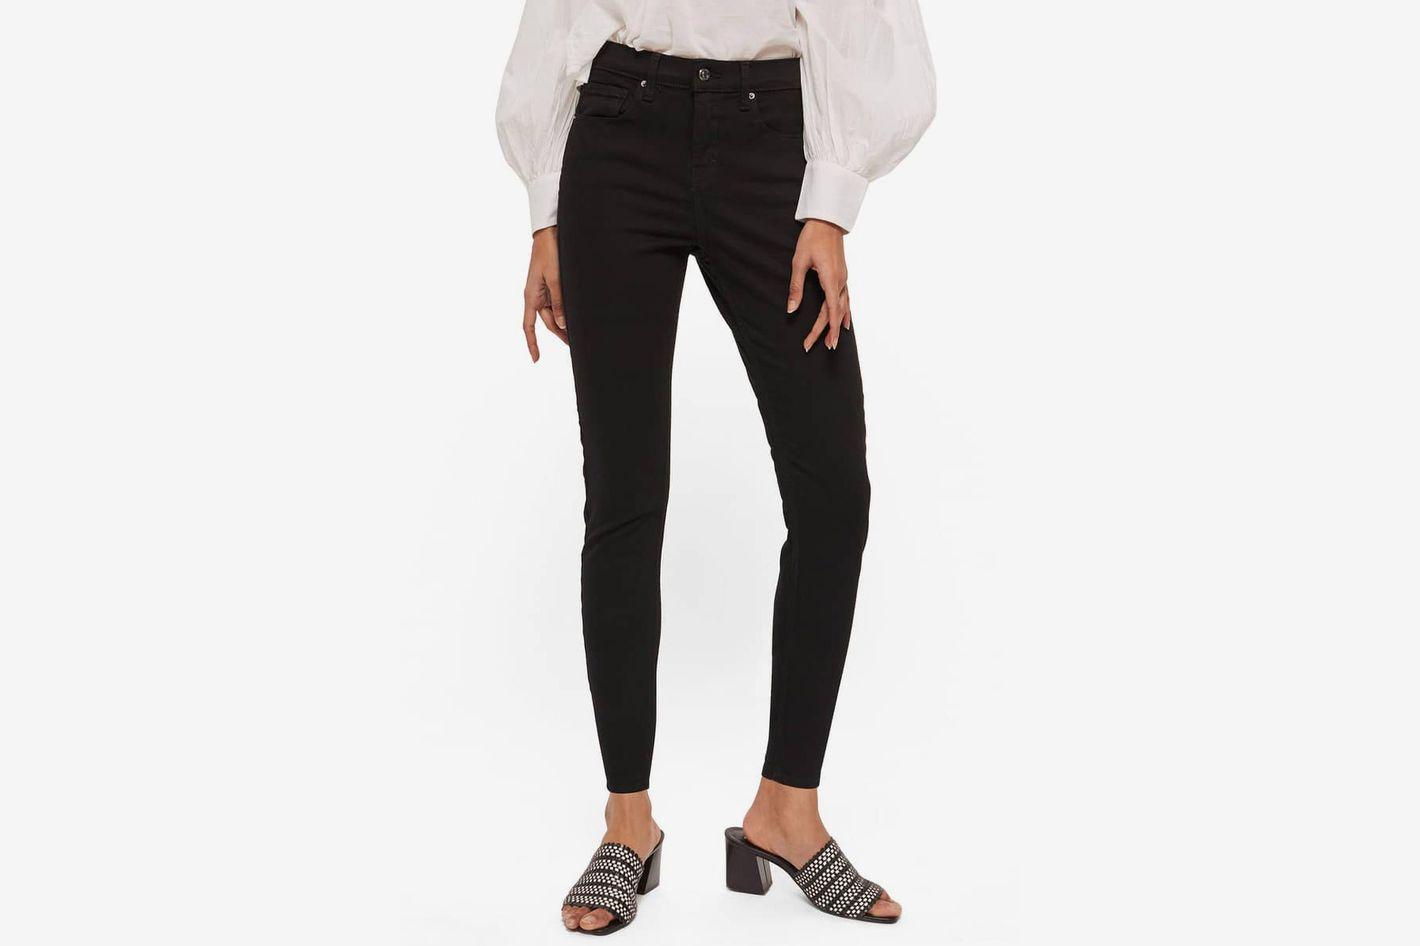 945d07a336579 Topshop Jamie Petite Black Jeans